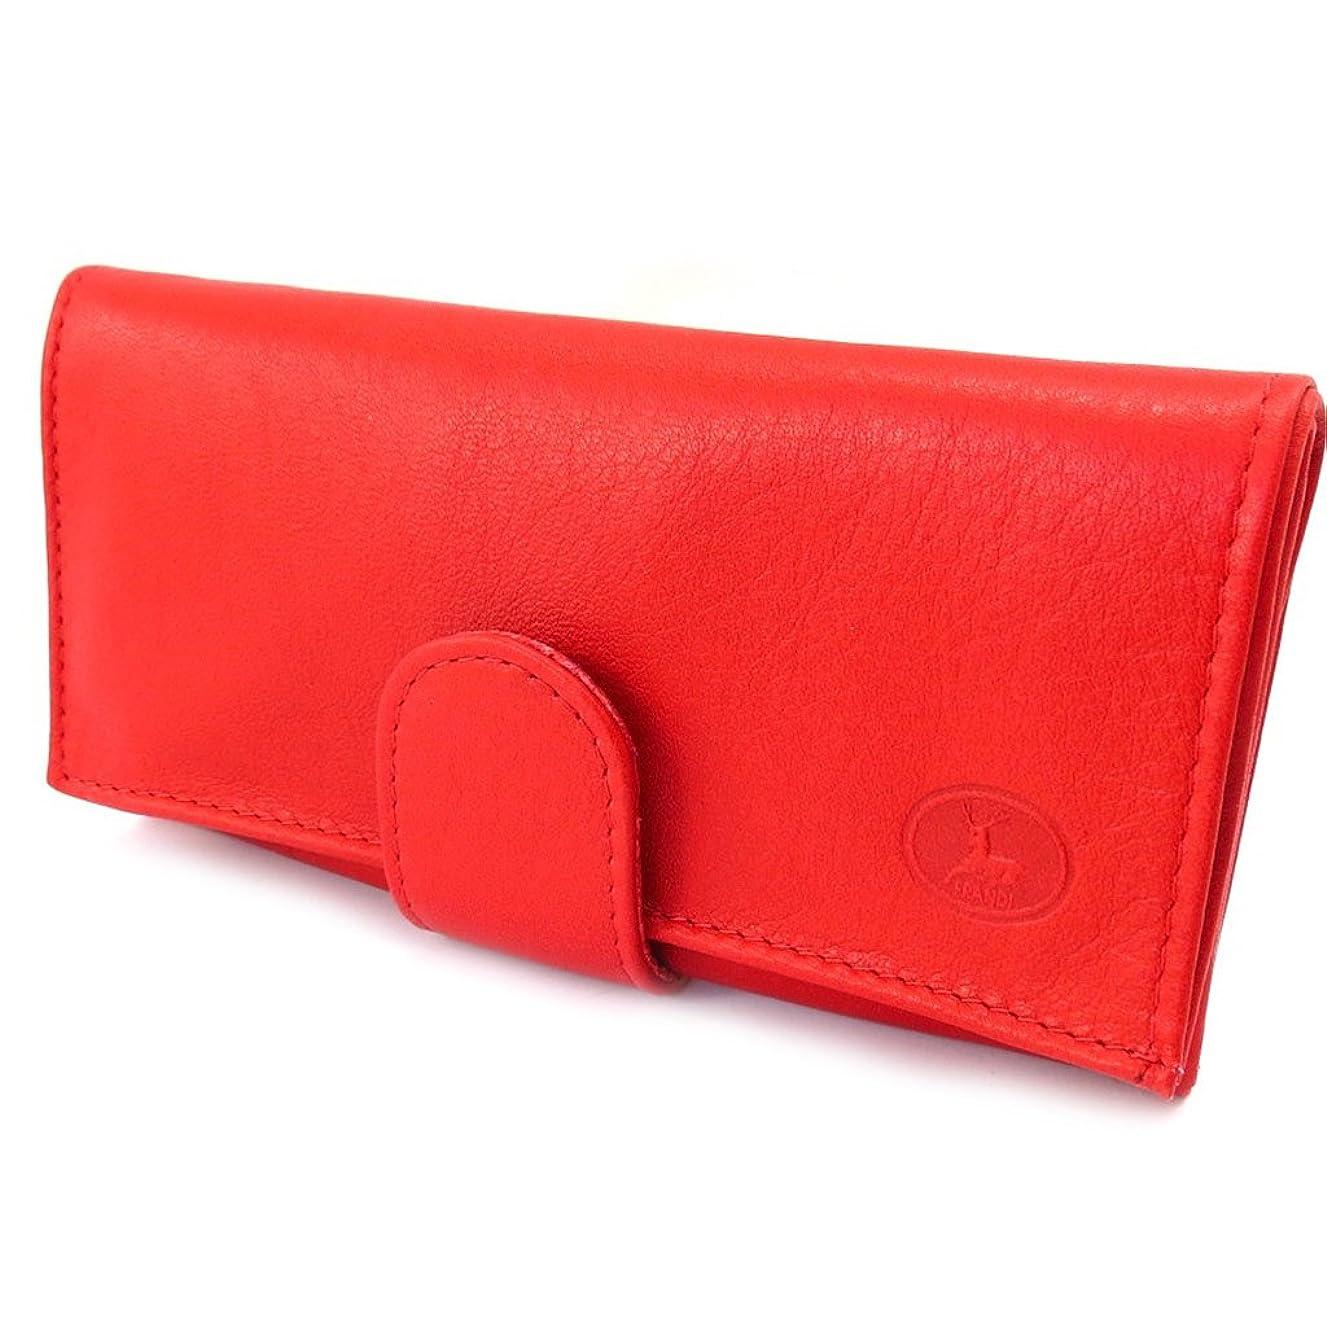 苦抜け目のないまともなFrandi [K4002] - Grand porte-monnaie Cuir 'Frandi' rouge